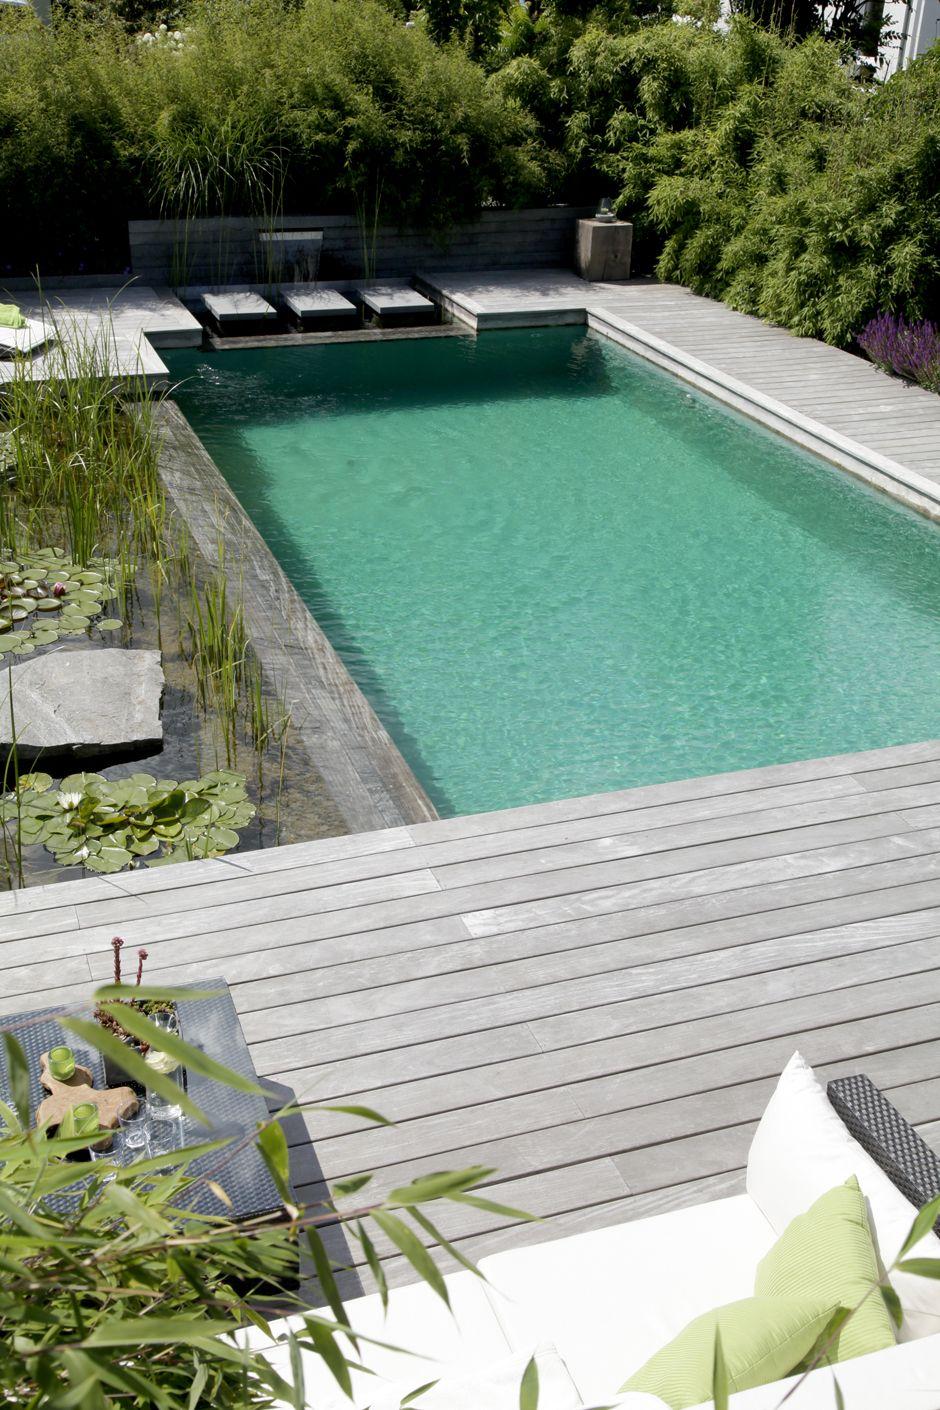 Schöner wohnen mit Schwimmteich | naturpools.de #schönerwohnen